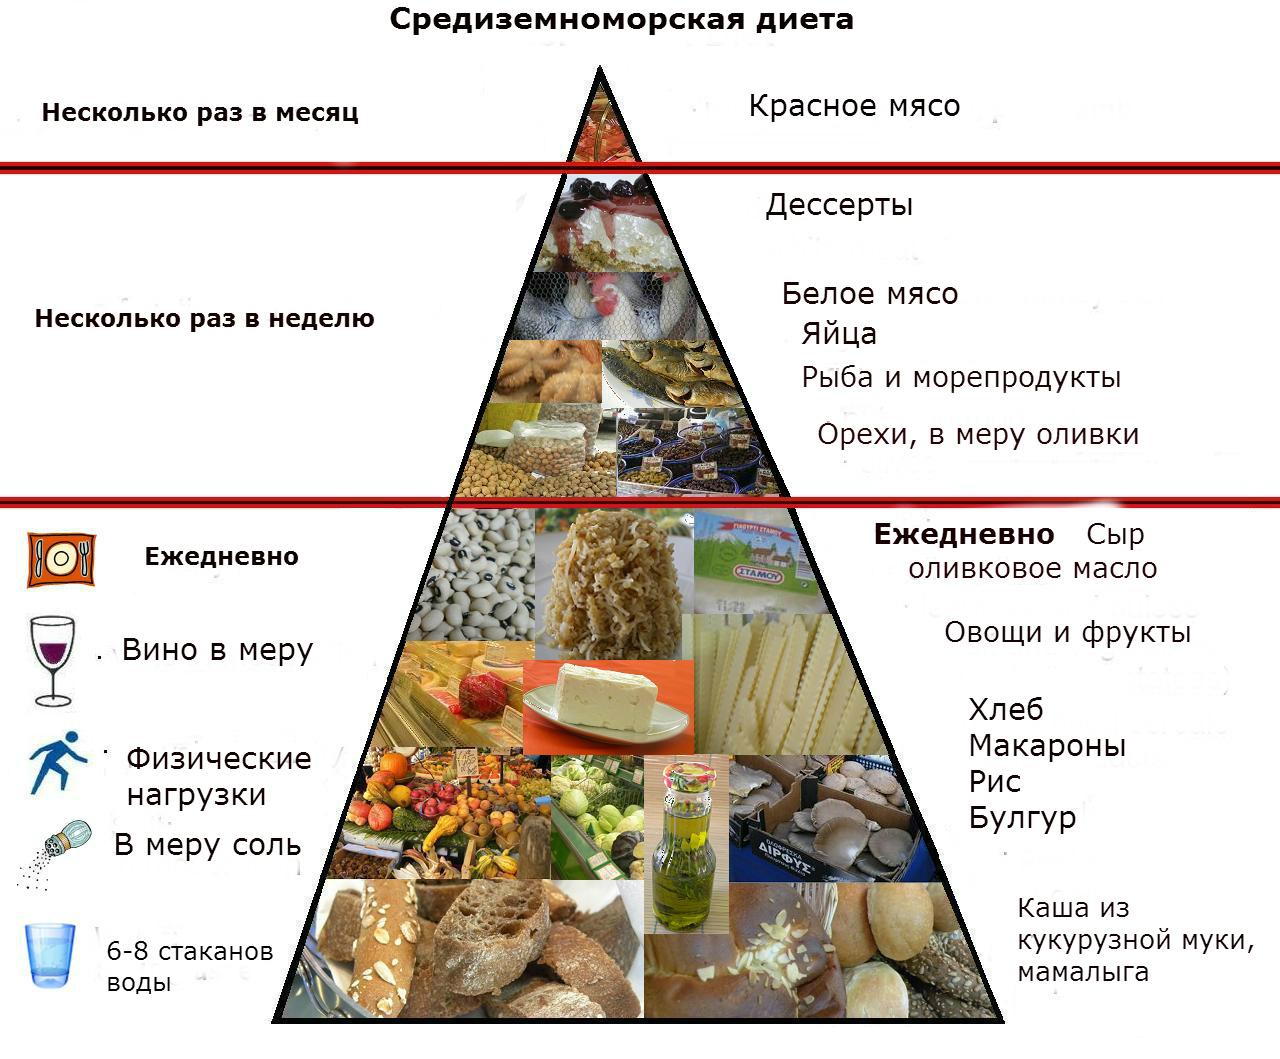 средиземноморская диета для похудения меню на каждый